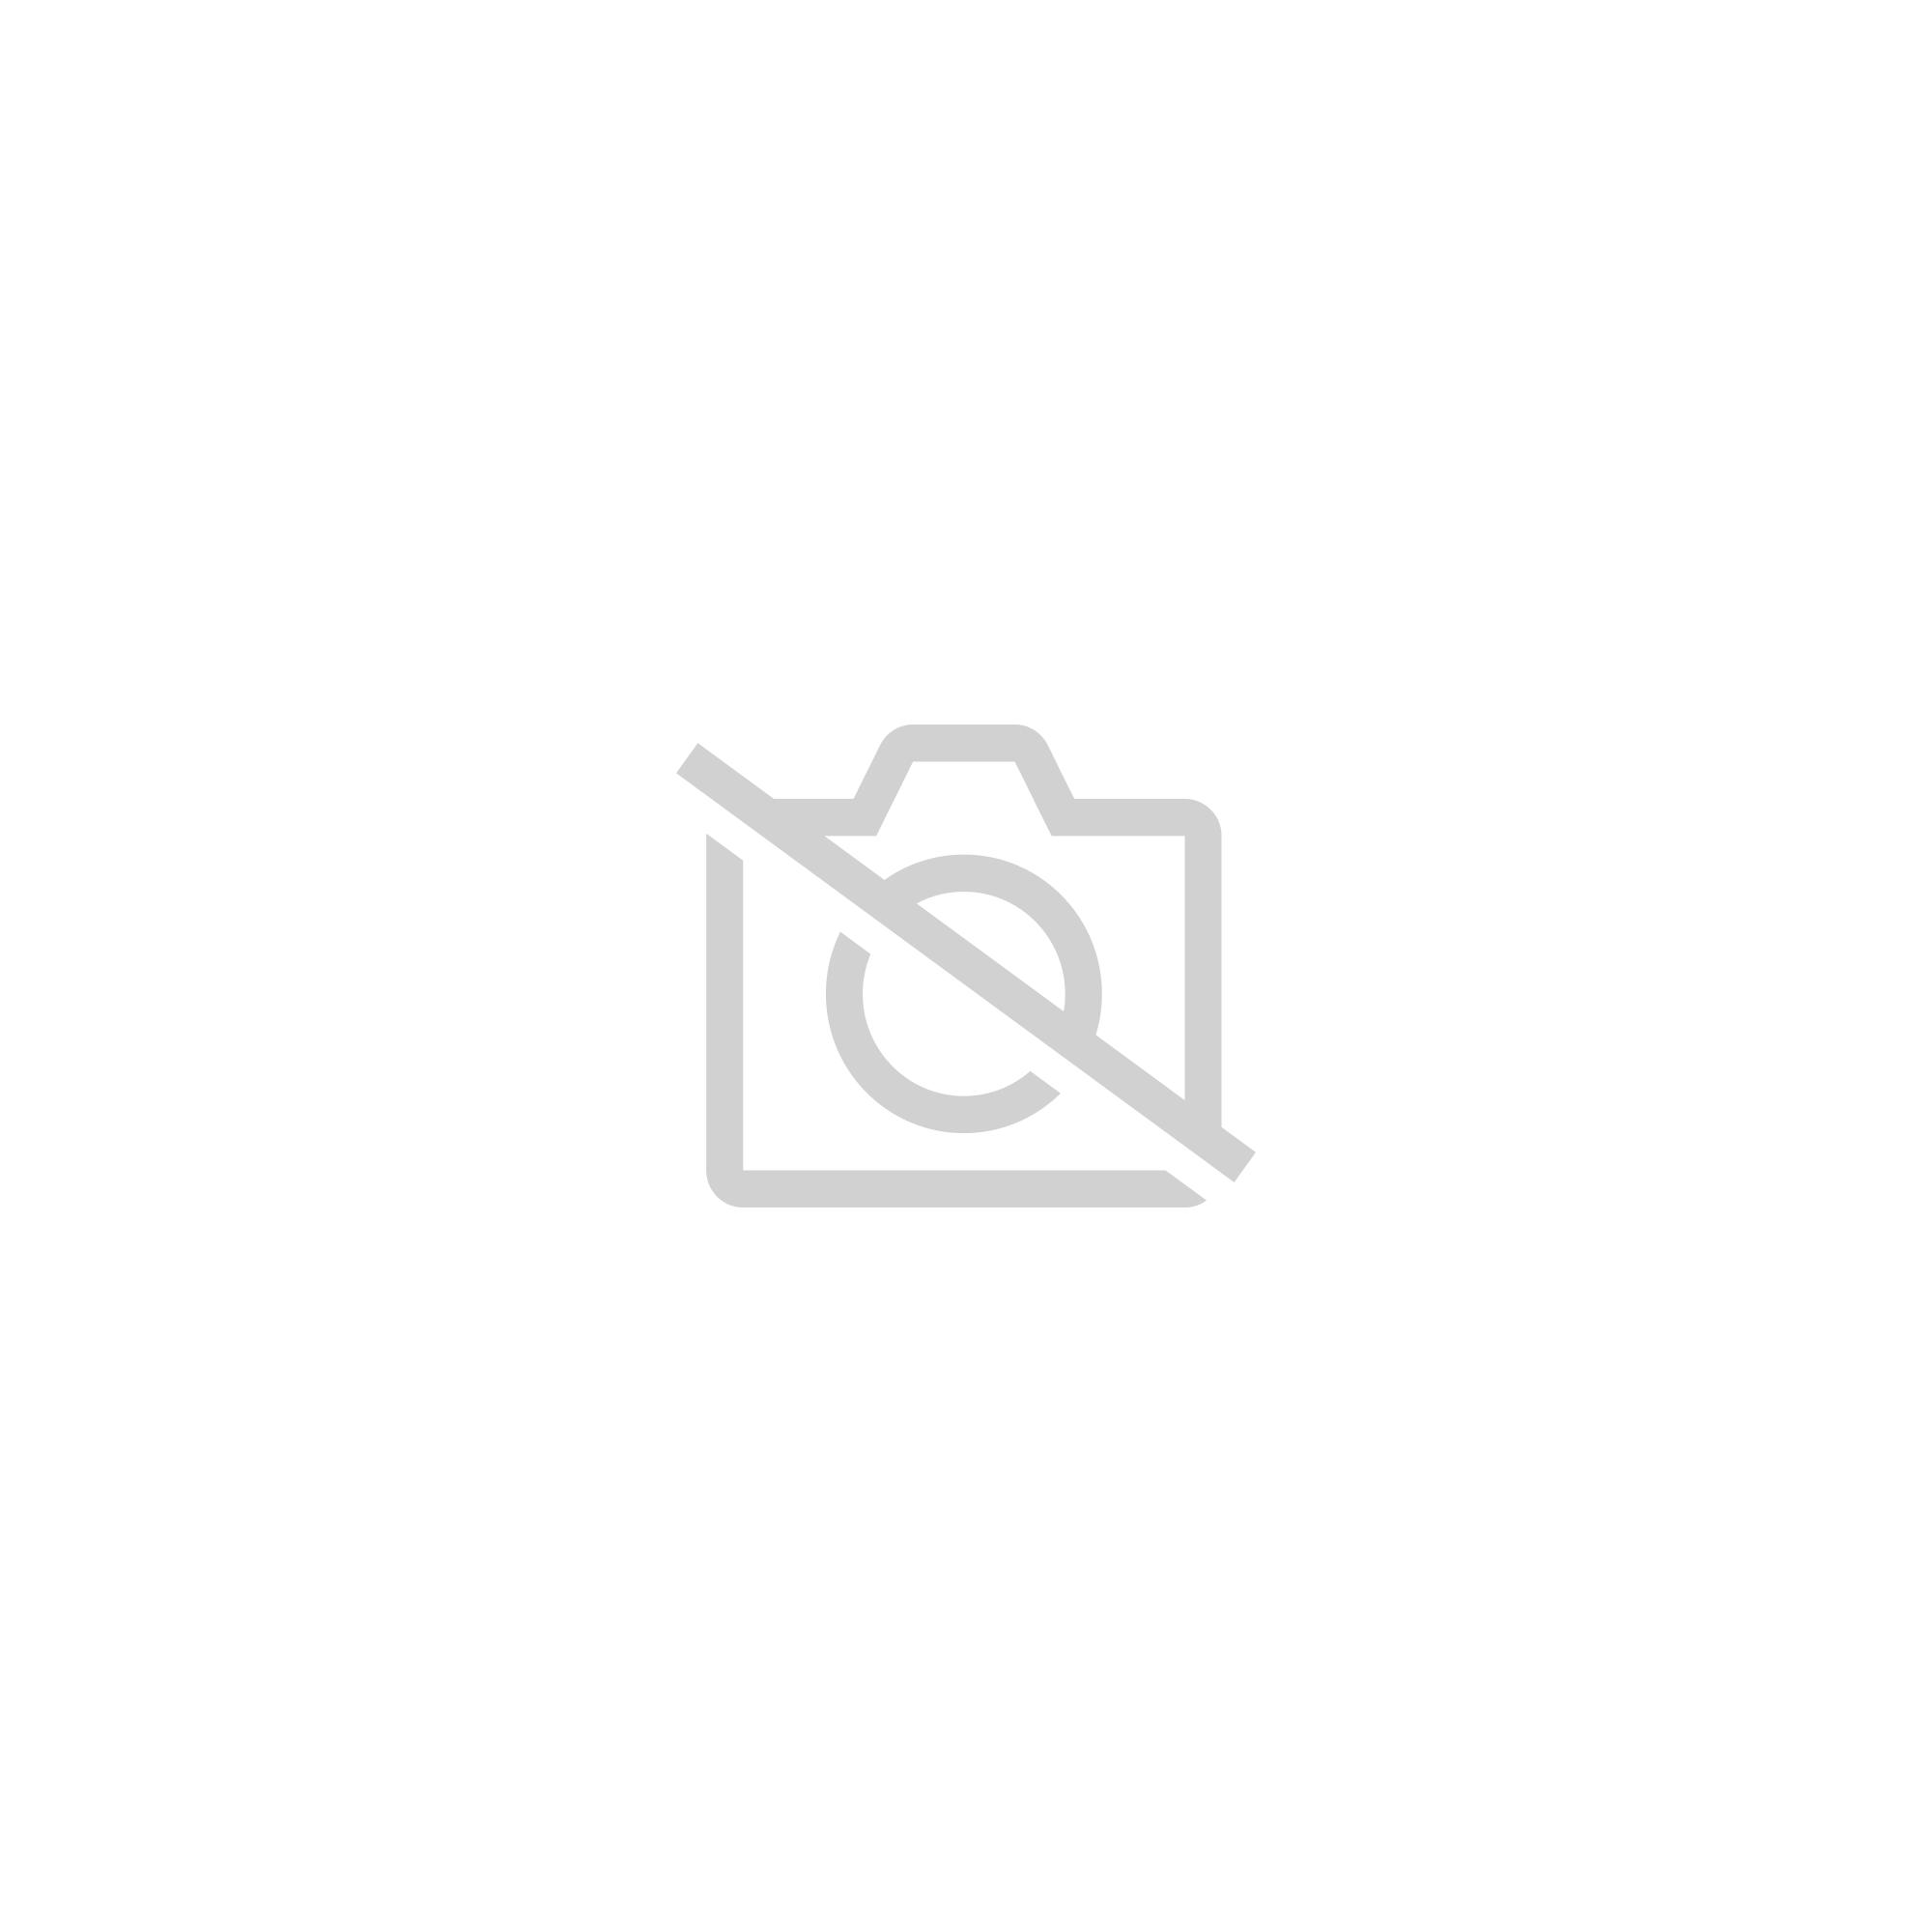 Fiche technique climatiseur samsung 12000 btu pdf